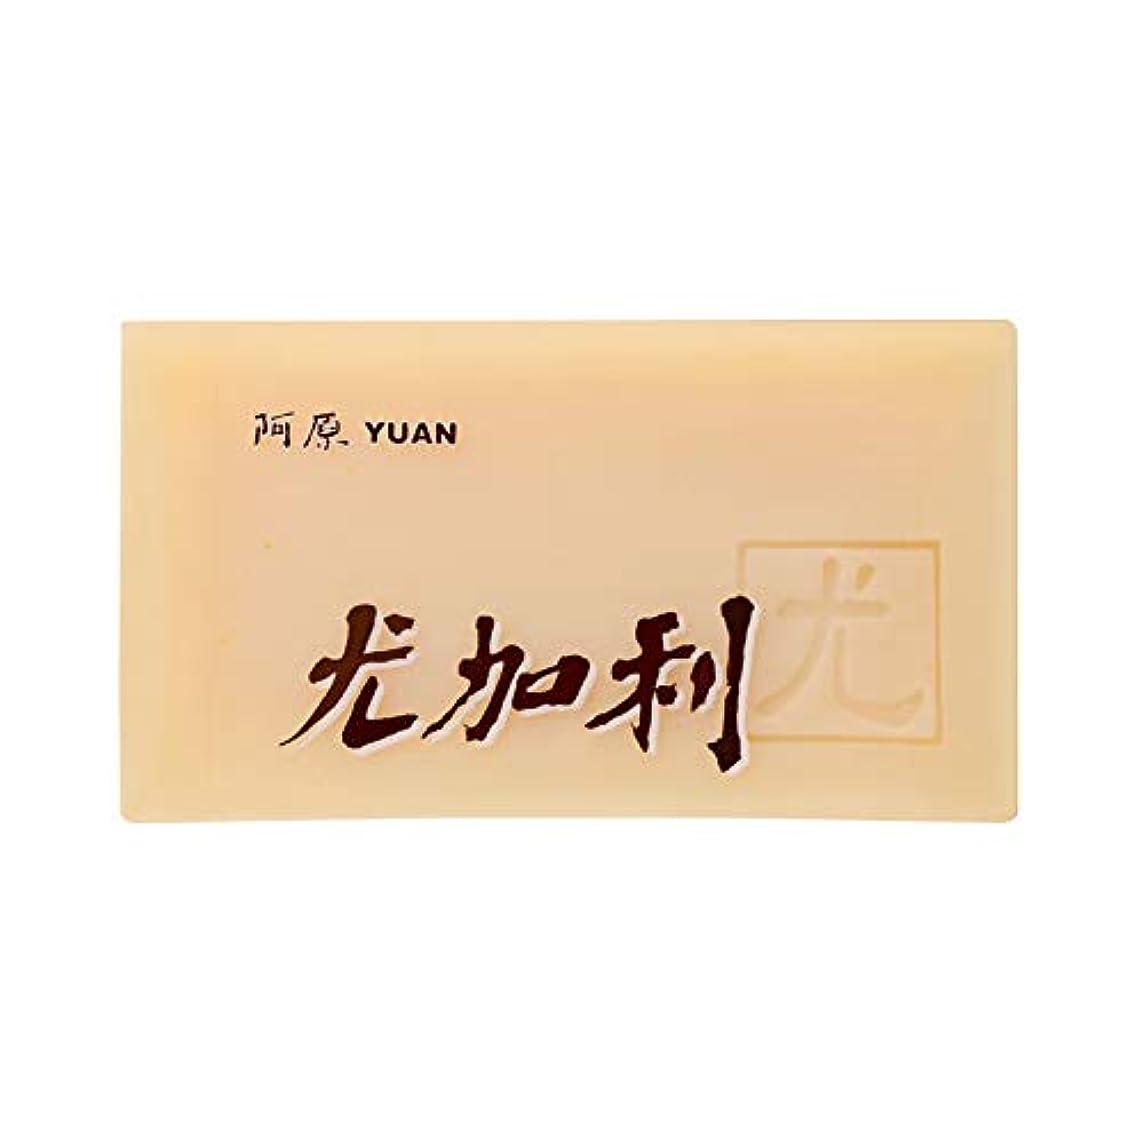 ユアン(YUAN) ユアンソープ ユーカリソープ 100g (阿原 石けん 台湾コスメ)